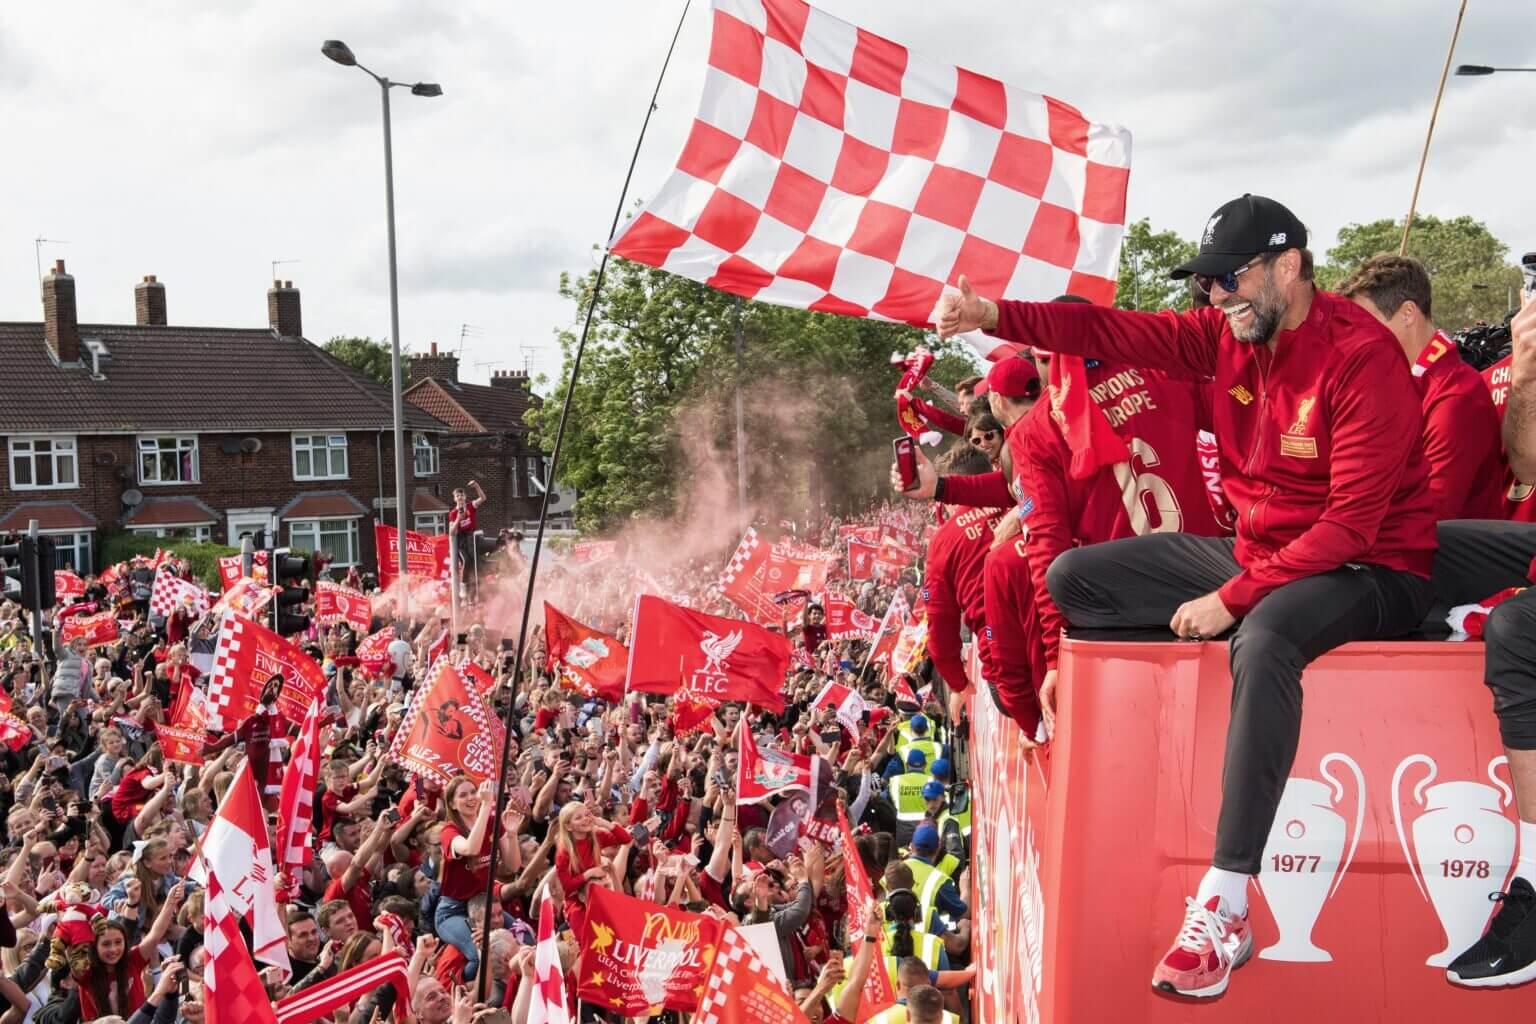 Trong 10 năm qua, chi phí chuyển nhượng của Liverpool chỉ là 342,5 triệu bảng, so với hơn 1i bảng của Man City cho dù họ vẫn thi đấu thành công